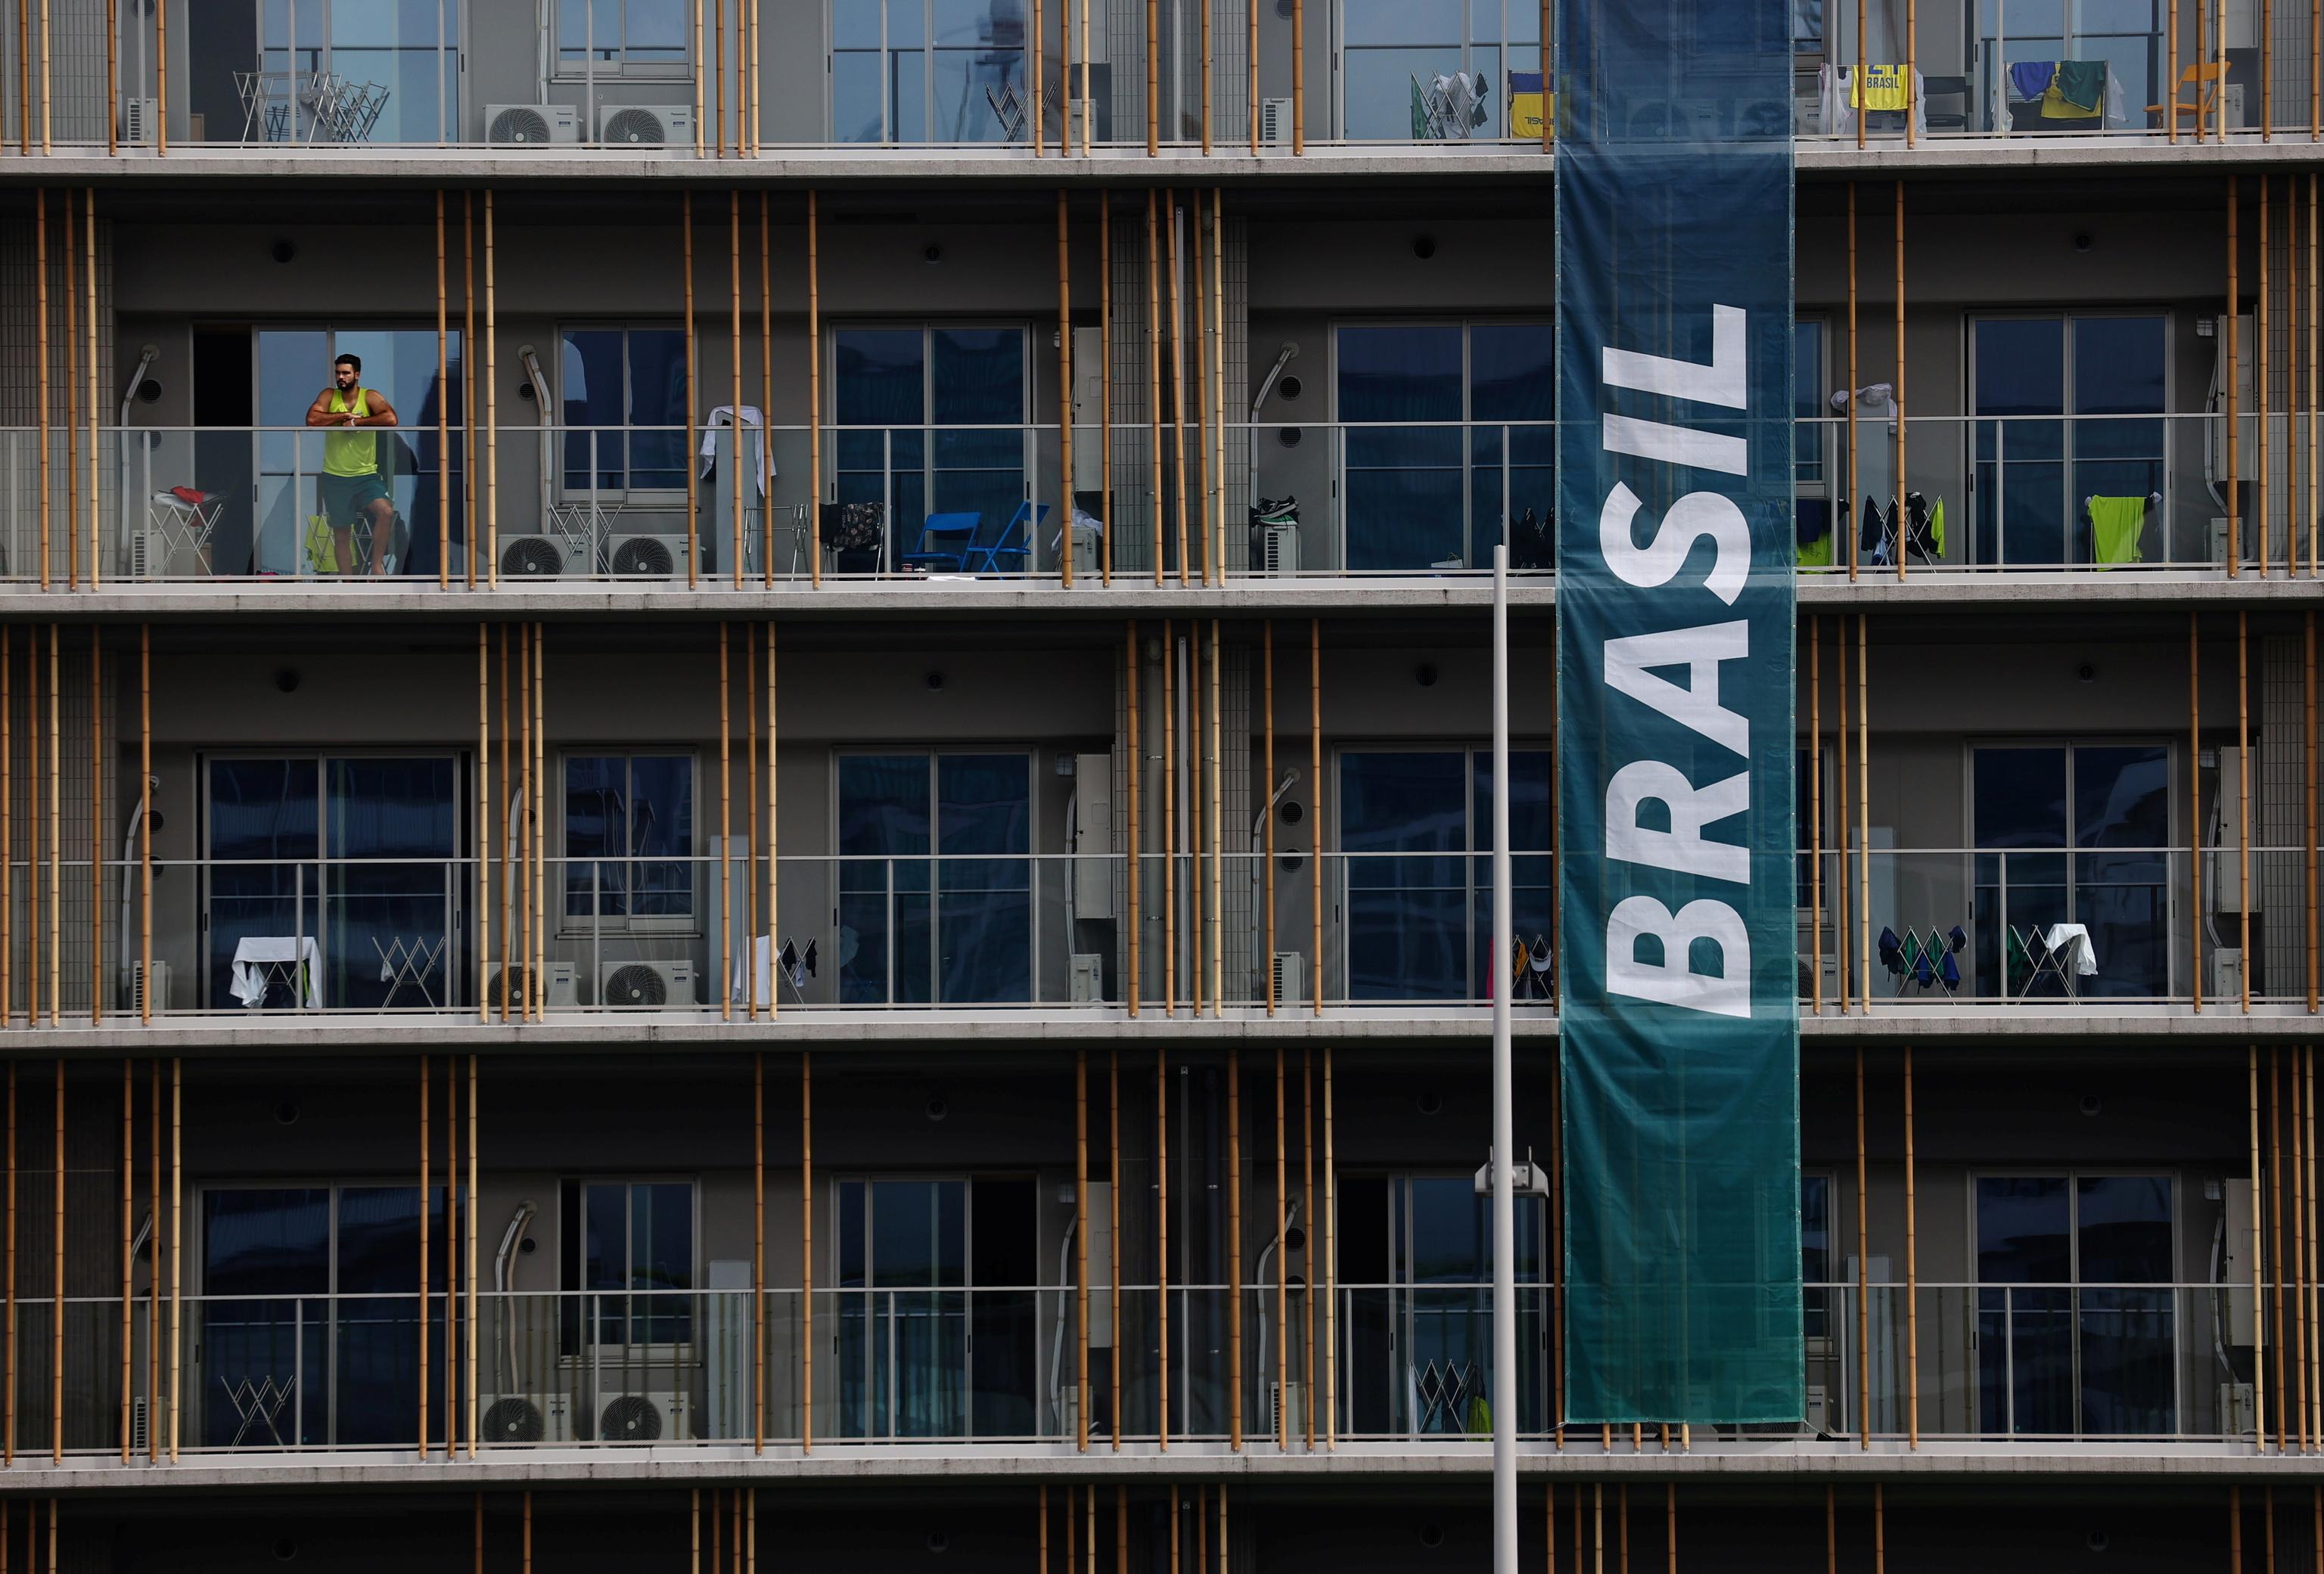 El edificio de la delegación brasileña en la Villa Olímpica.